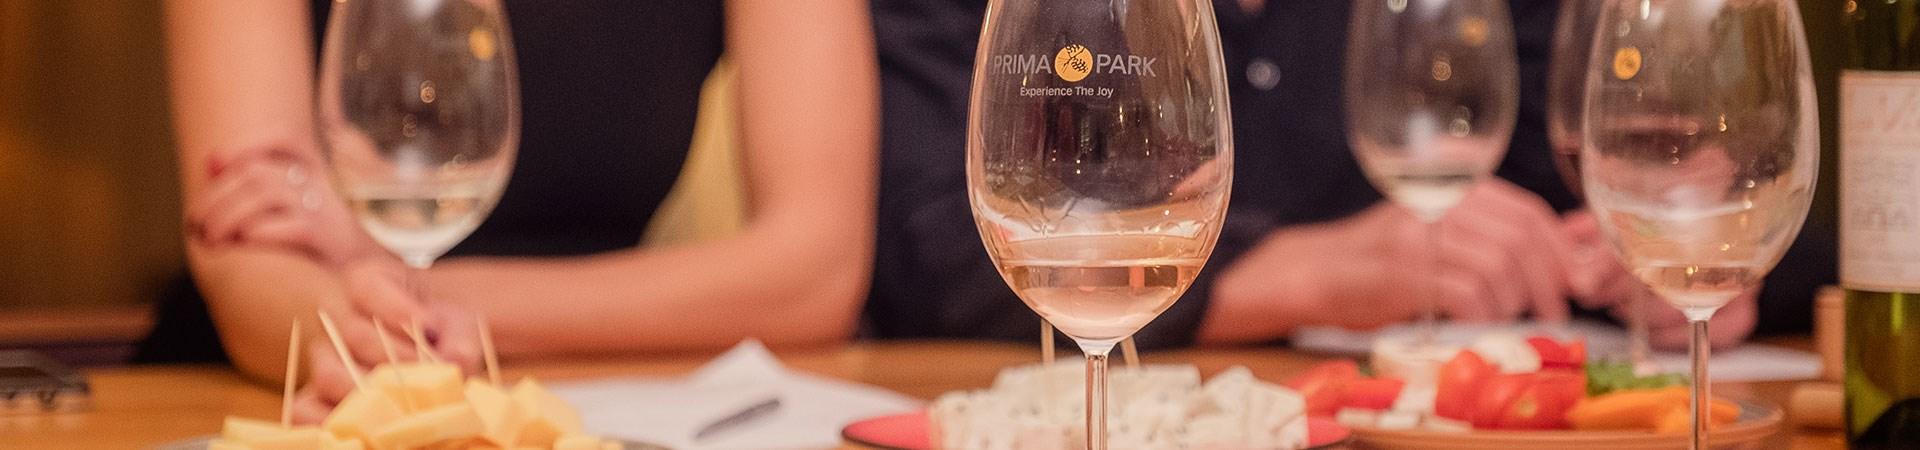 פרימה פארק - אירועים וכנסים